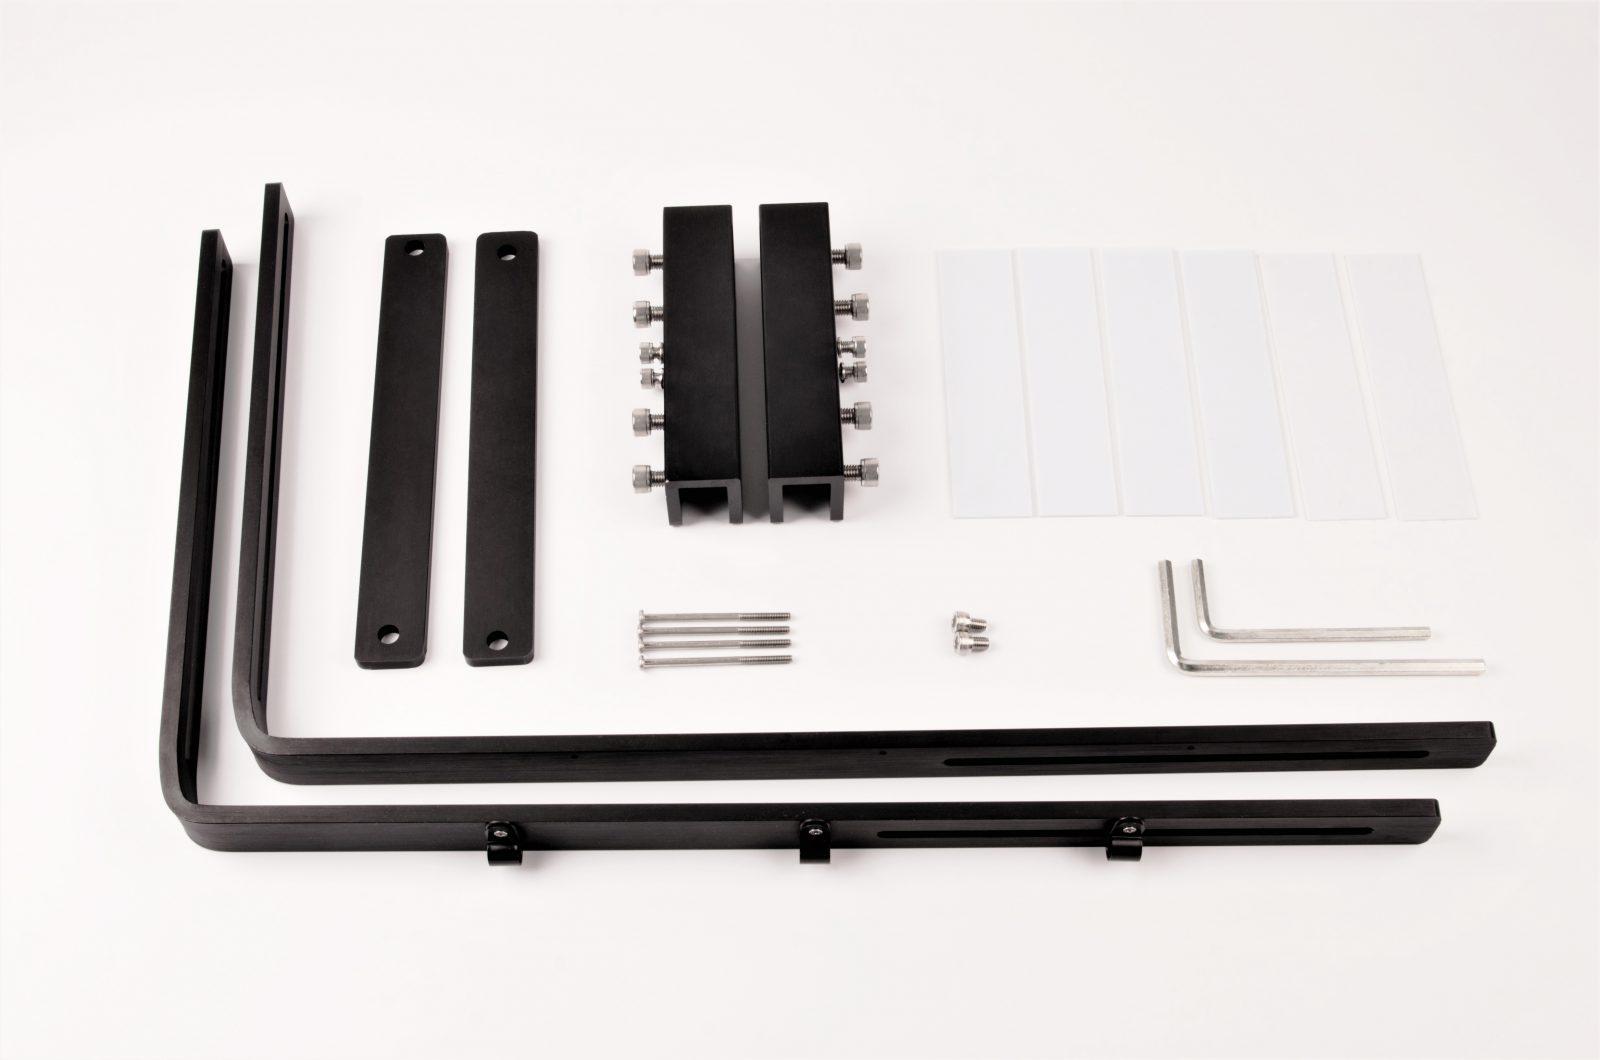 Memasang komponen kit